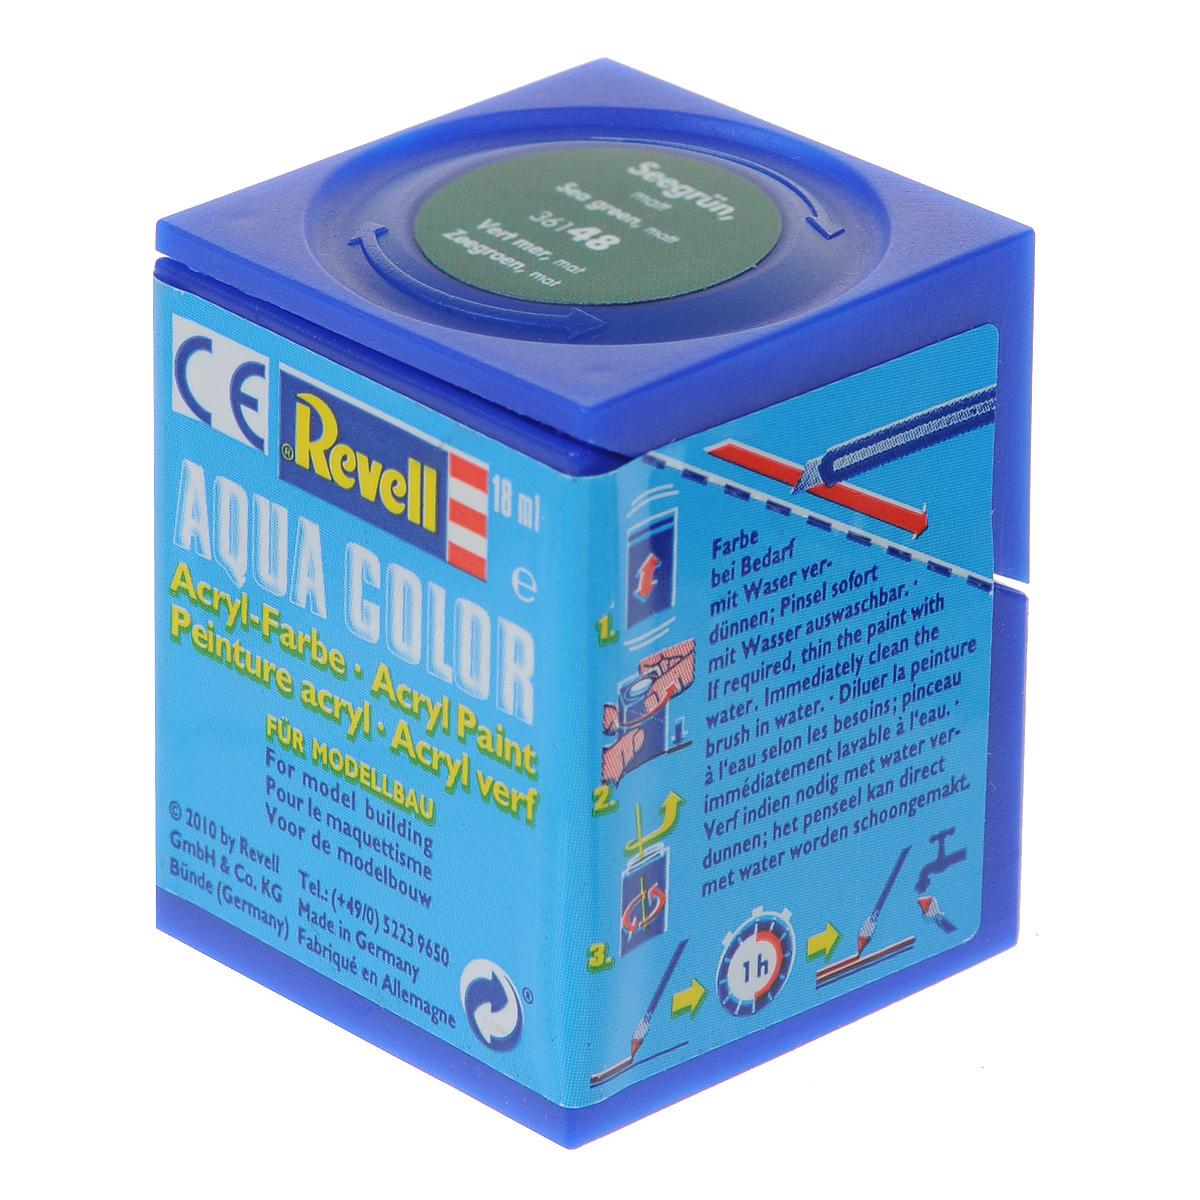 Revell Аква-краска матовая цвет морская волна 18 мл36148Краски для моделей Revell - это высококачественный материал для покраски ваших моделей. Данная краска служит для окрашивания пластиковых поверхностей сборных моделей Revell. В баночке содержится 18 мл краски с матовым эффектом. В случае необходимости различные оттенки эмали могут быть смешаны друг с другом, для разбавления используется Revell Color Mix.